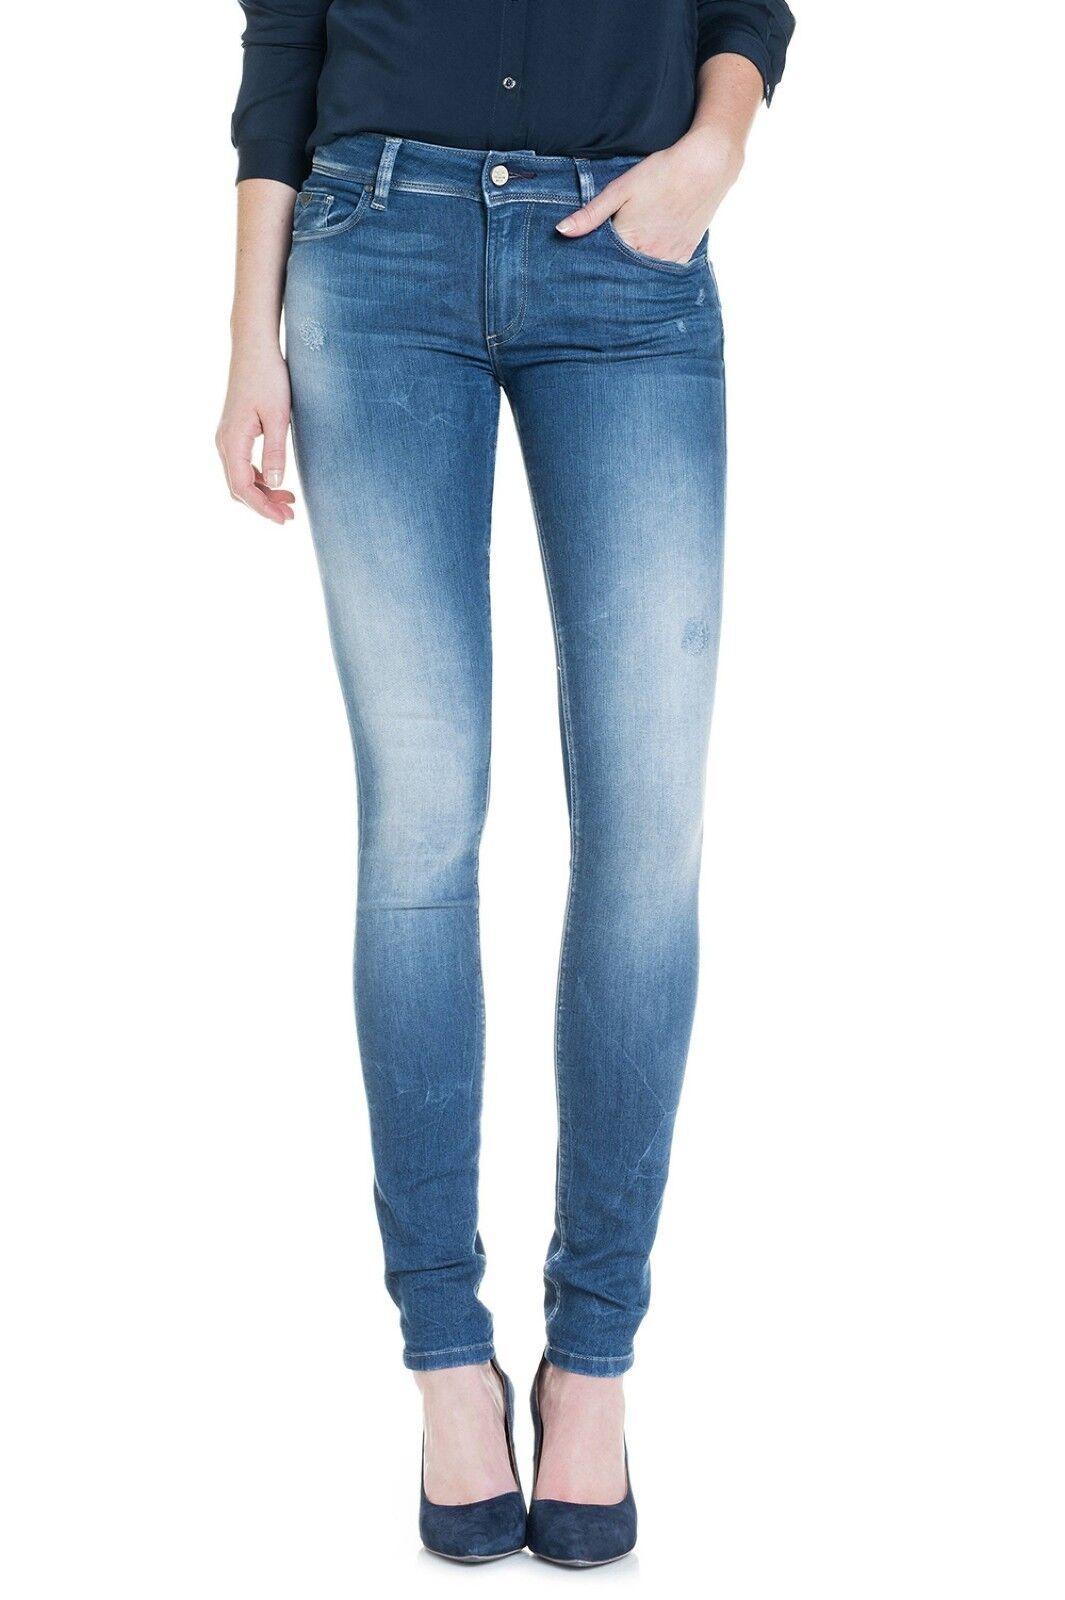 SALSA Jeans Push Up Wonder avec jambe très juste 114797 8502 nouveaustock-Boutique